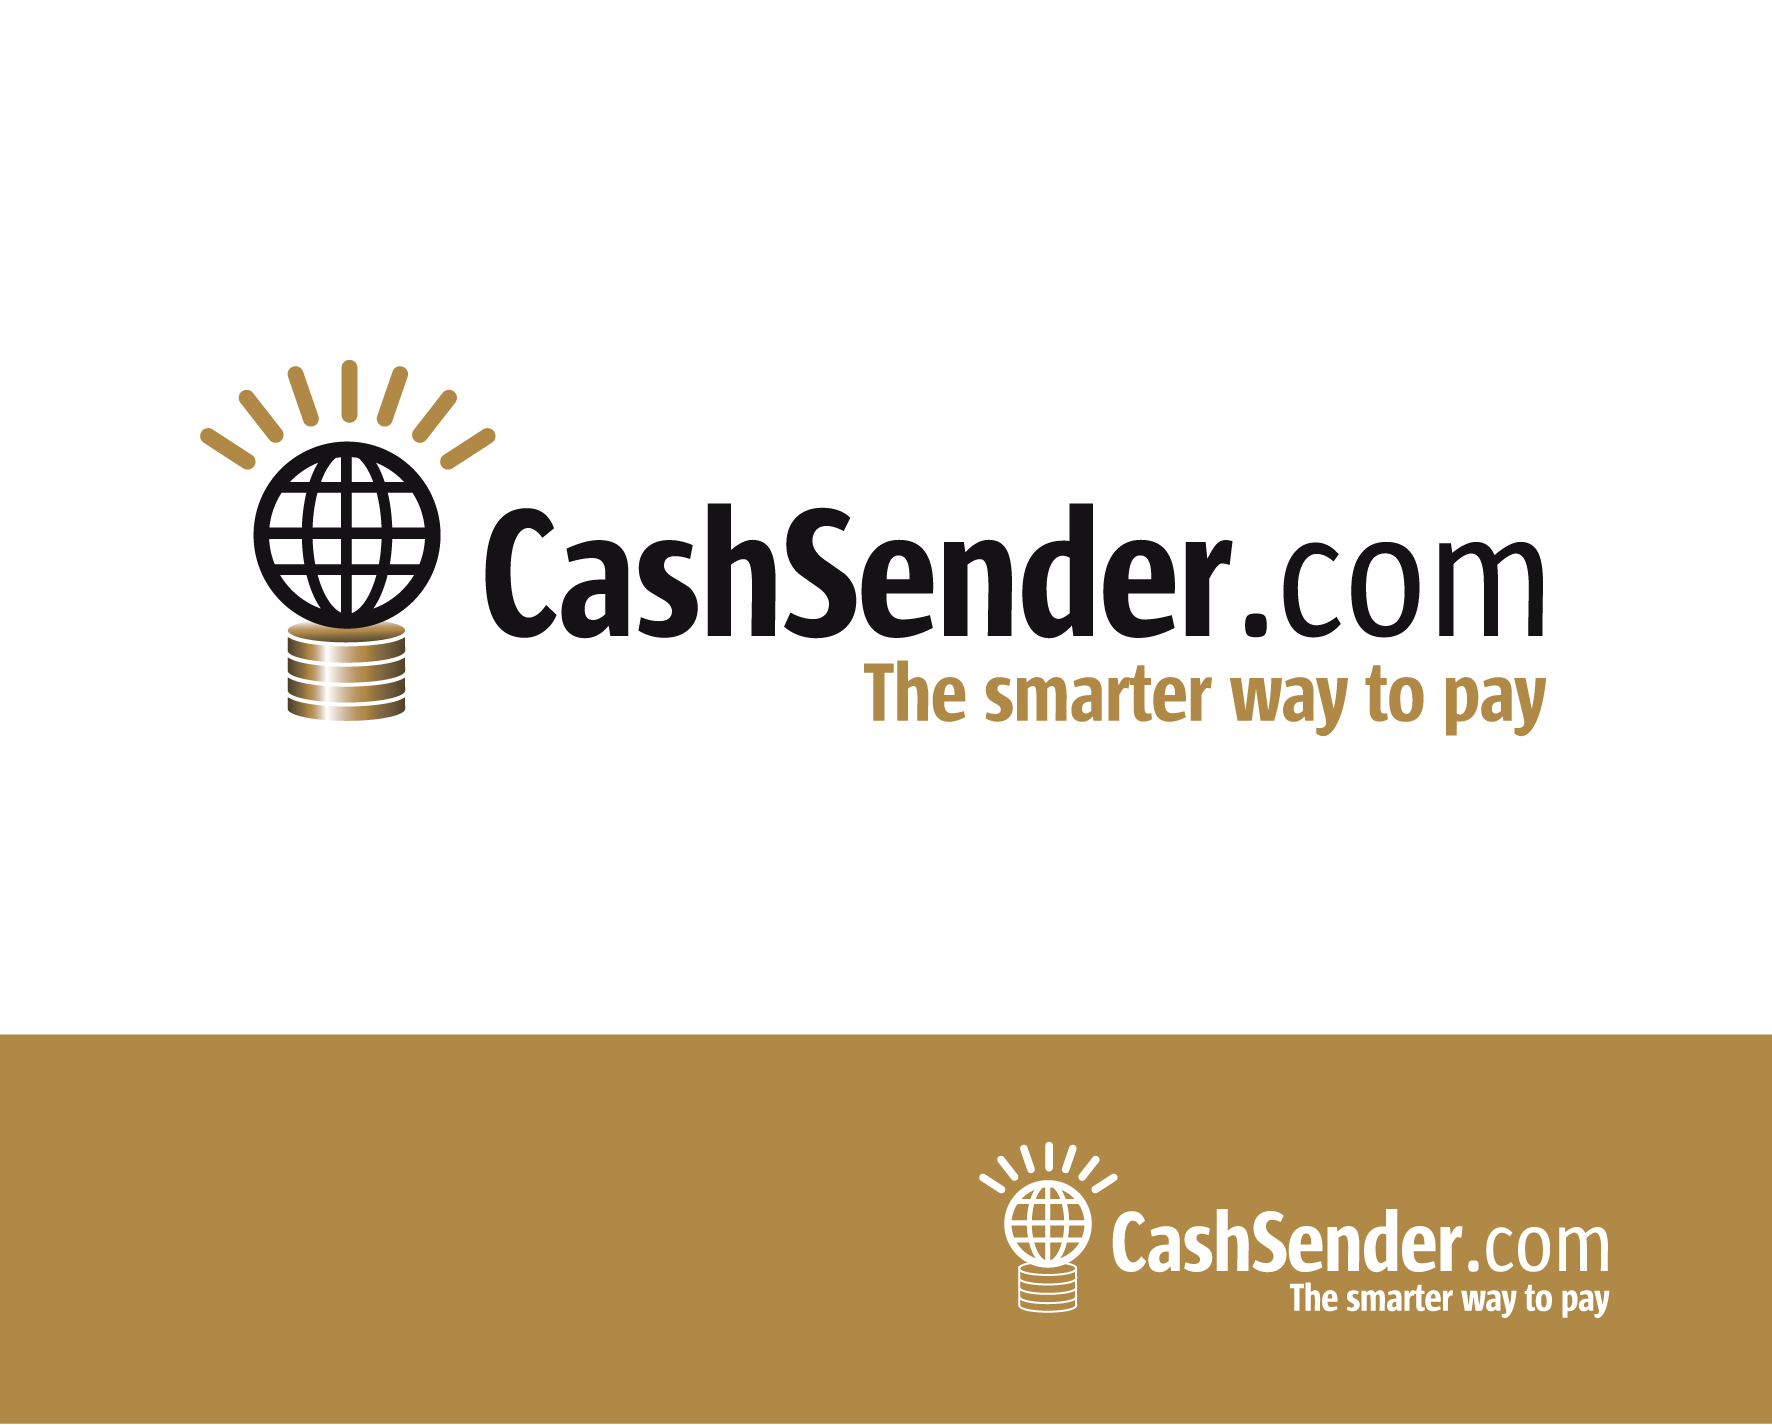 Logo Design by luna - Entry No. 47 in the Logo Design Contest Logo Design needed for alternative payment site CashSender.com.